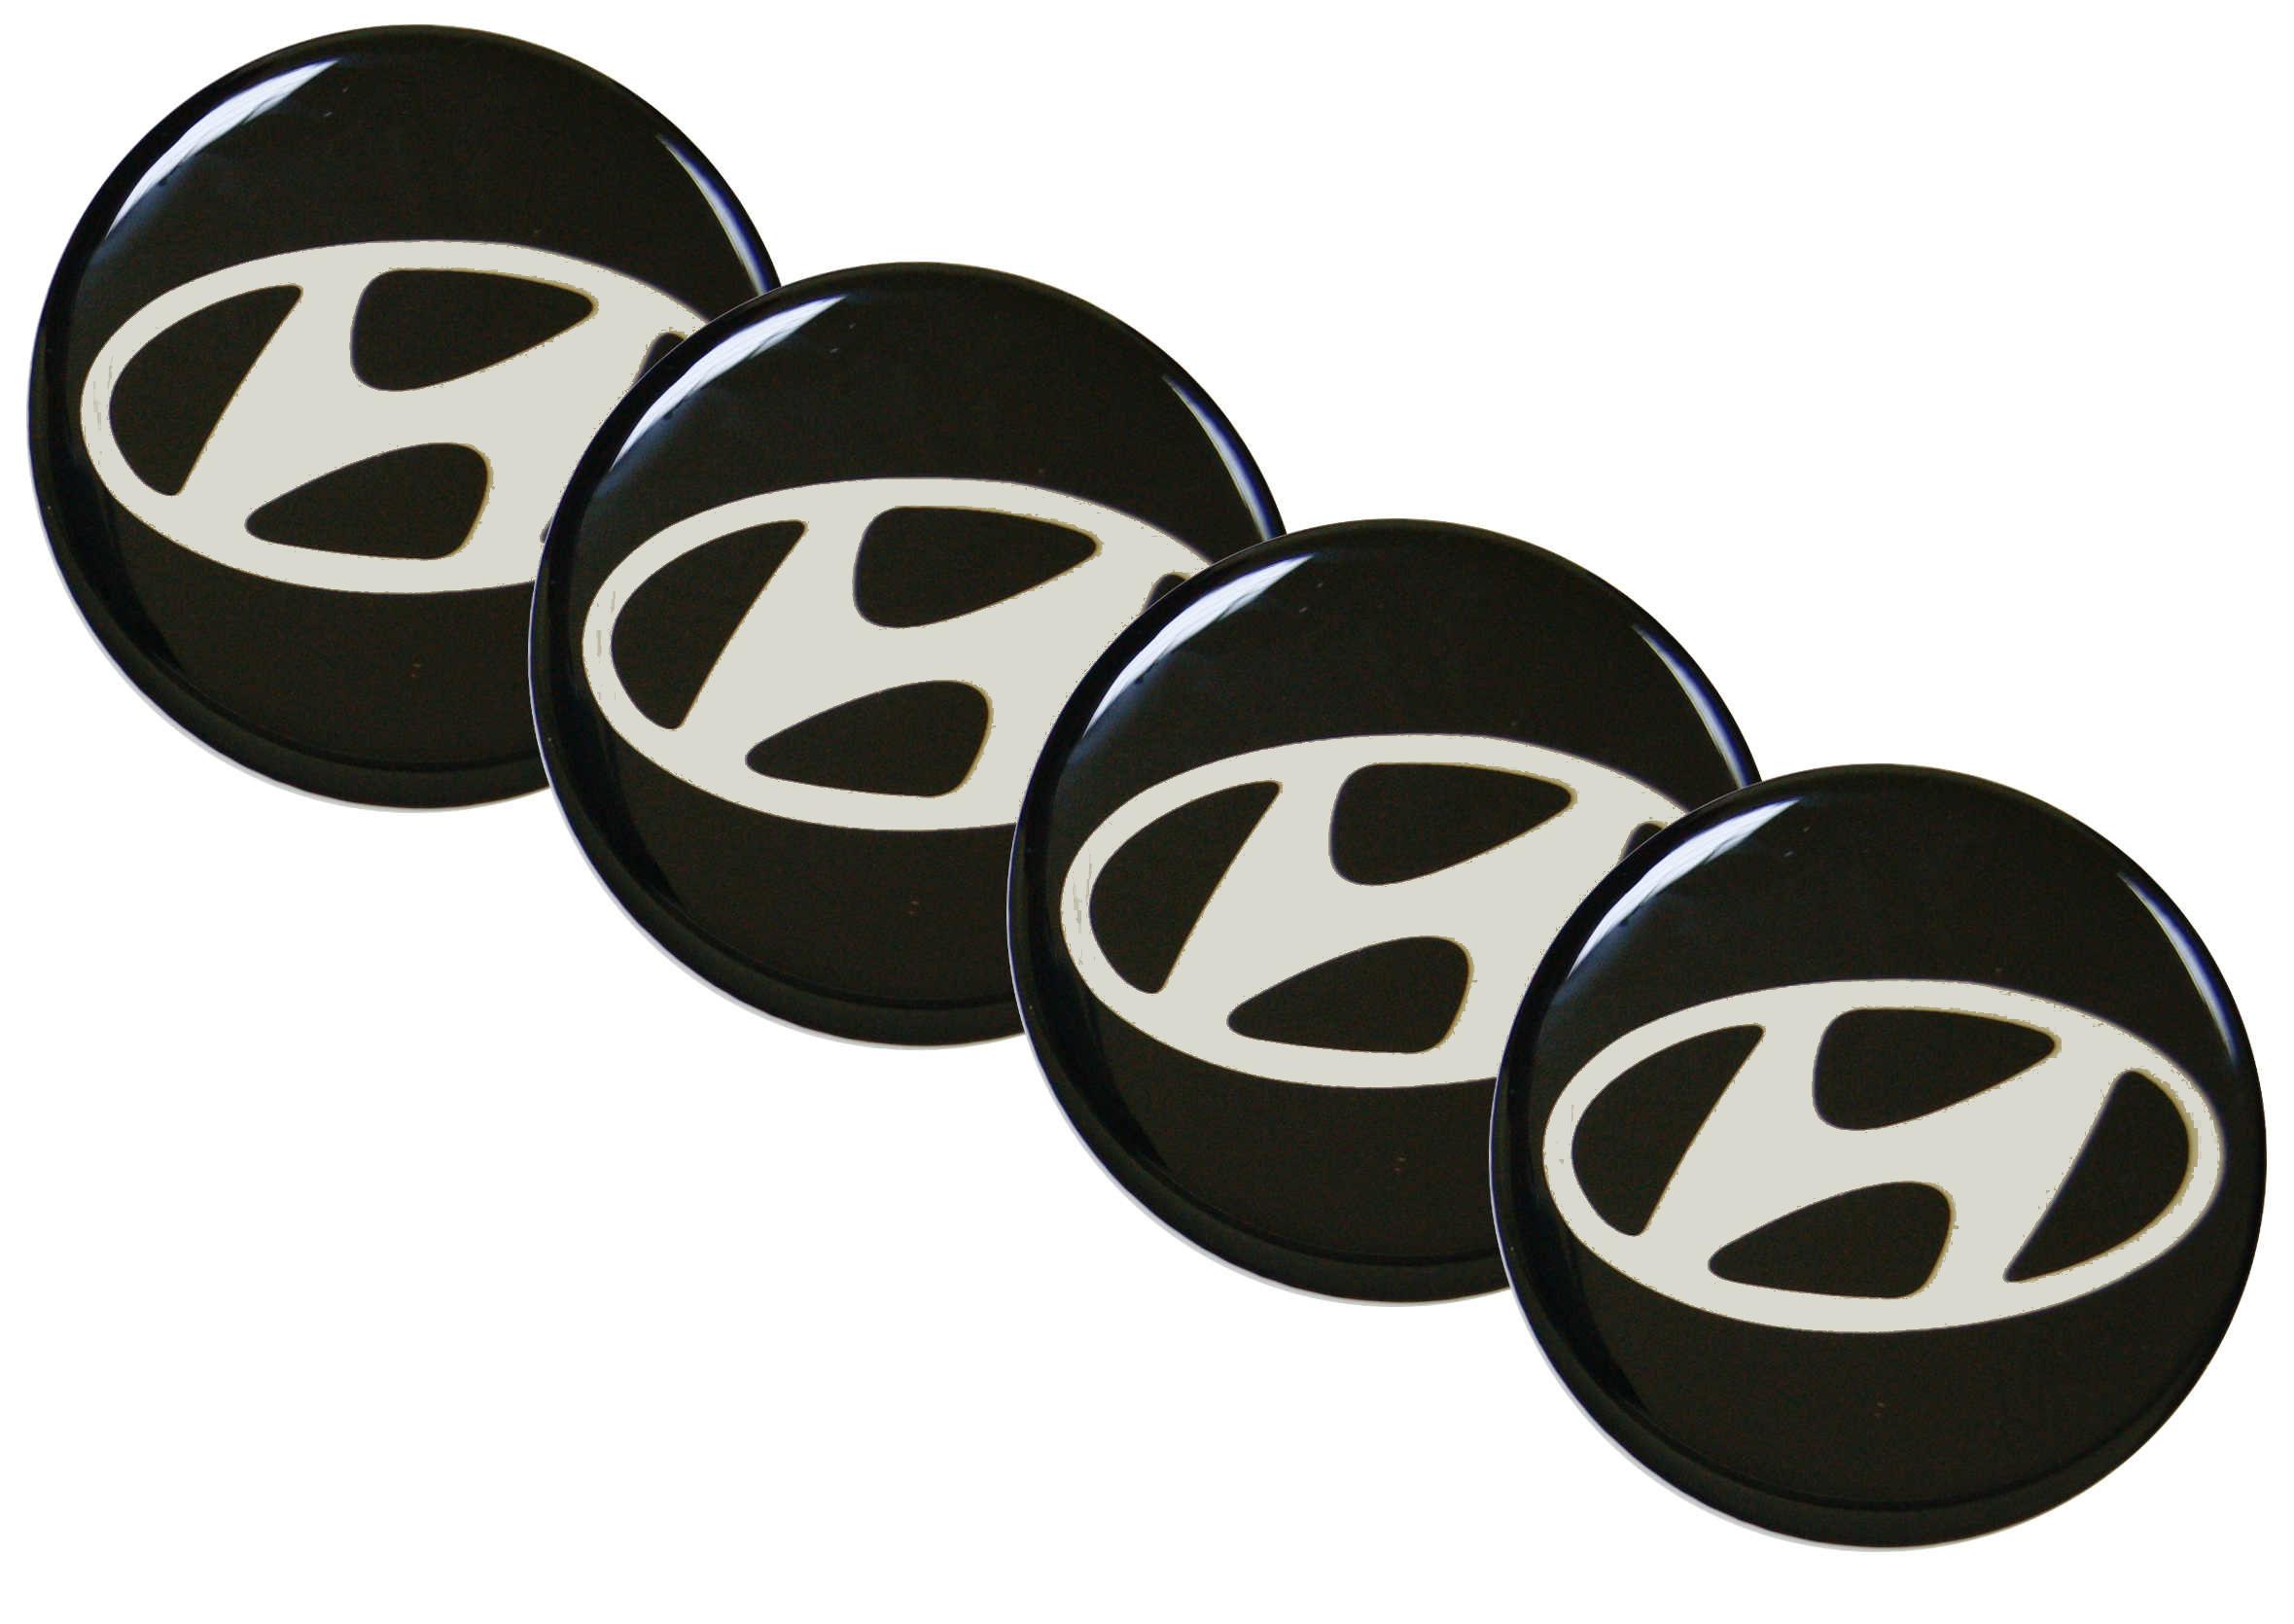 Naklejki wypukłe Emblematy Hyundai 70 mm 4szt